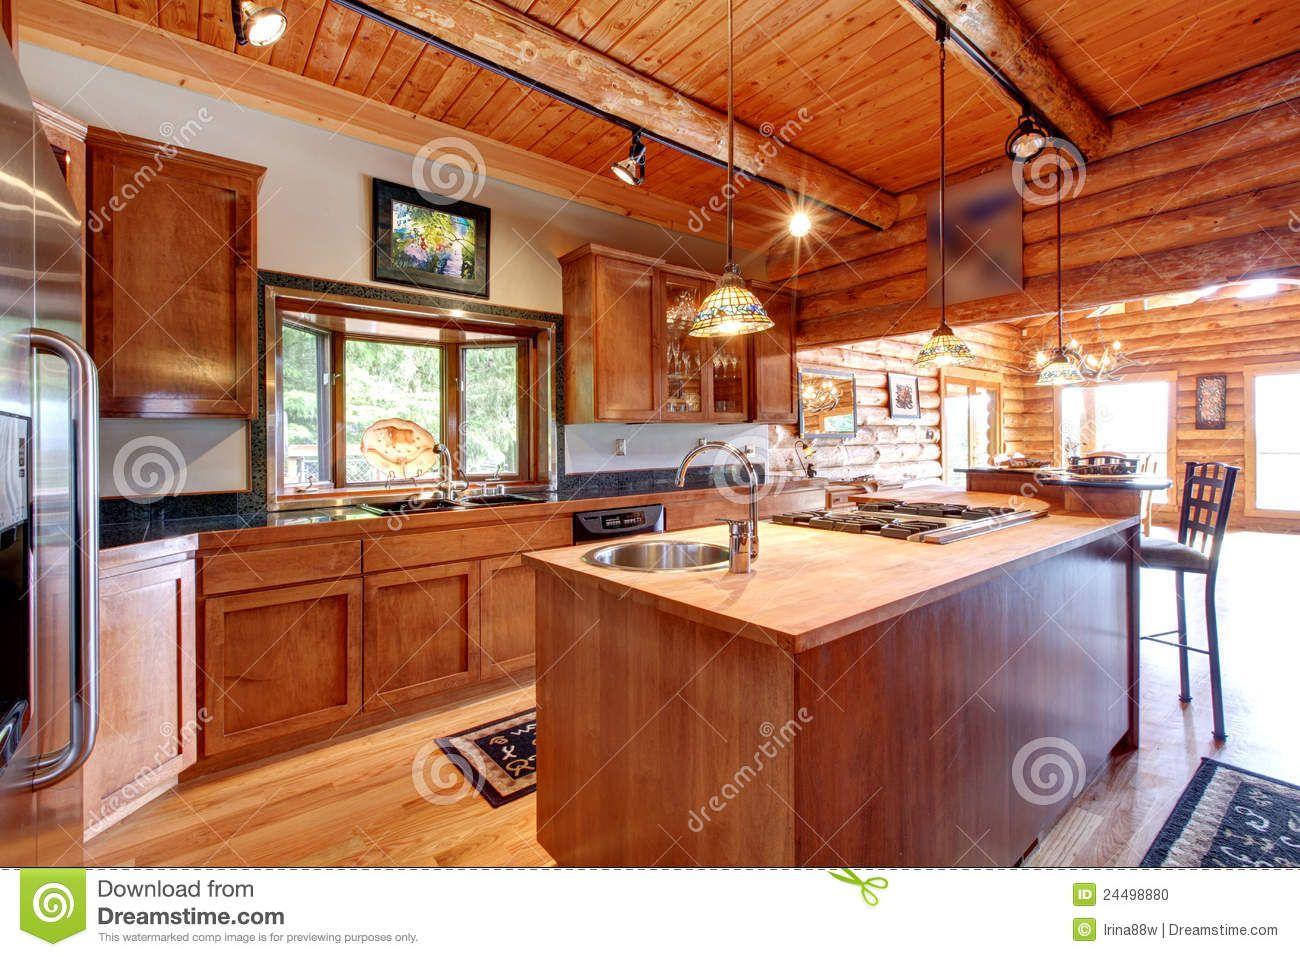 cocinas de cabañas de madera - Buscar con Google | quincho | Pinterest